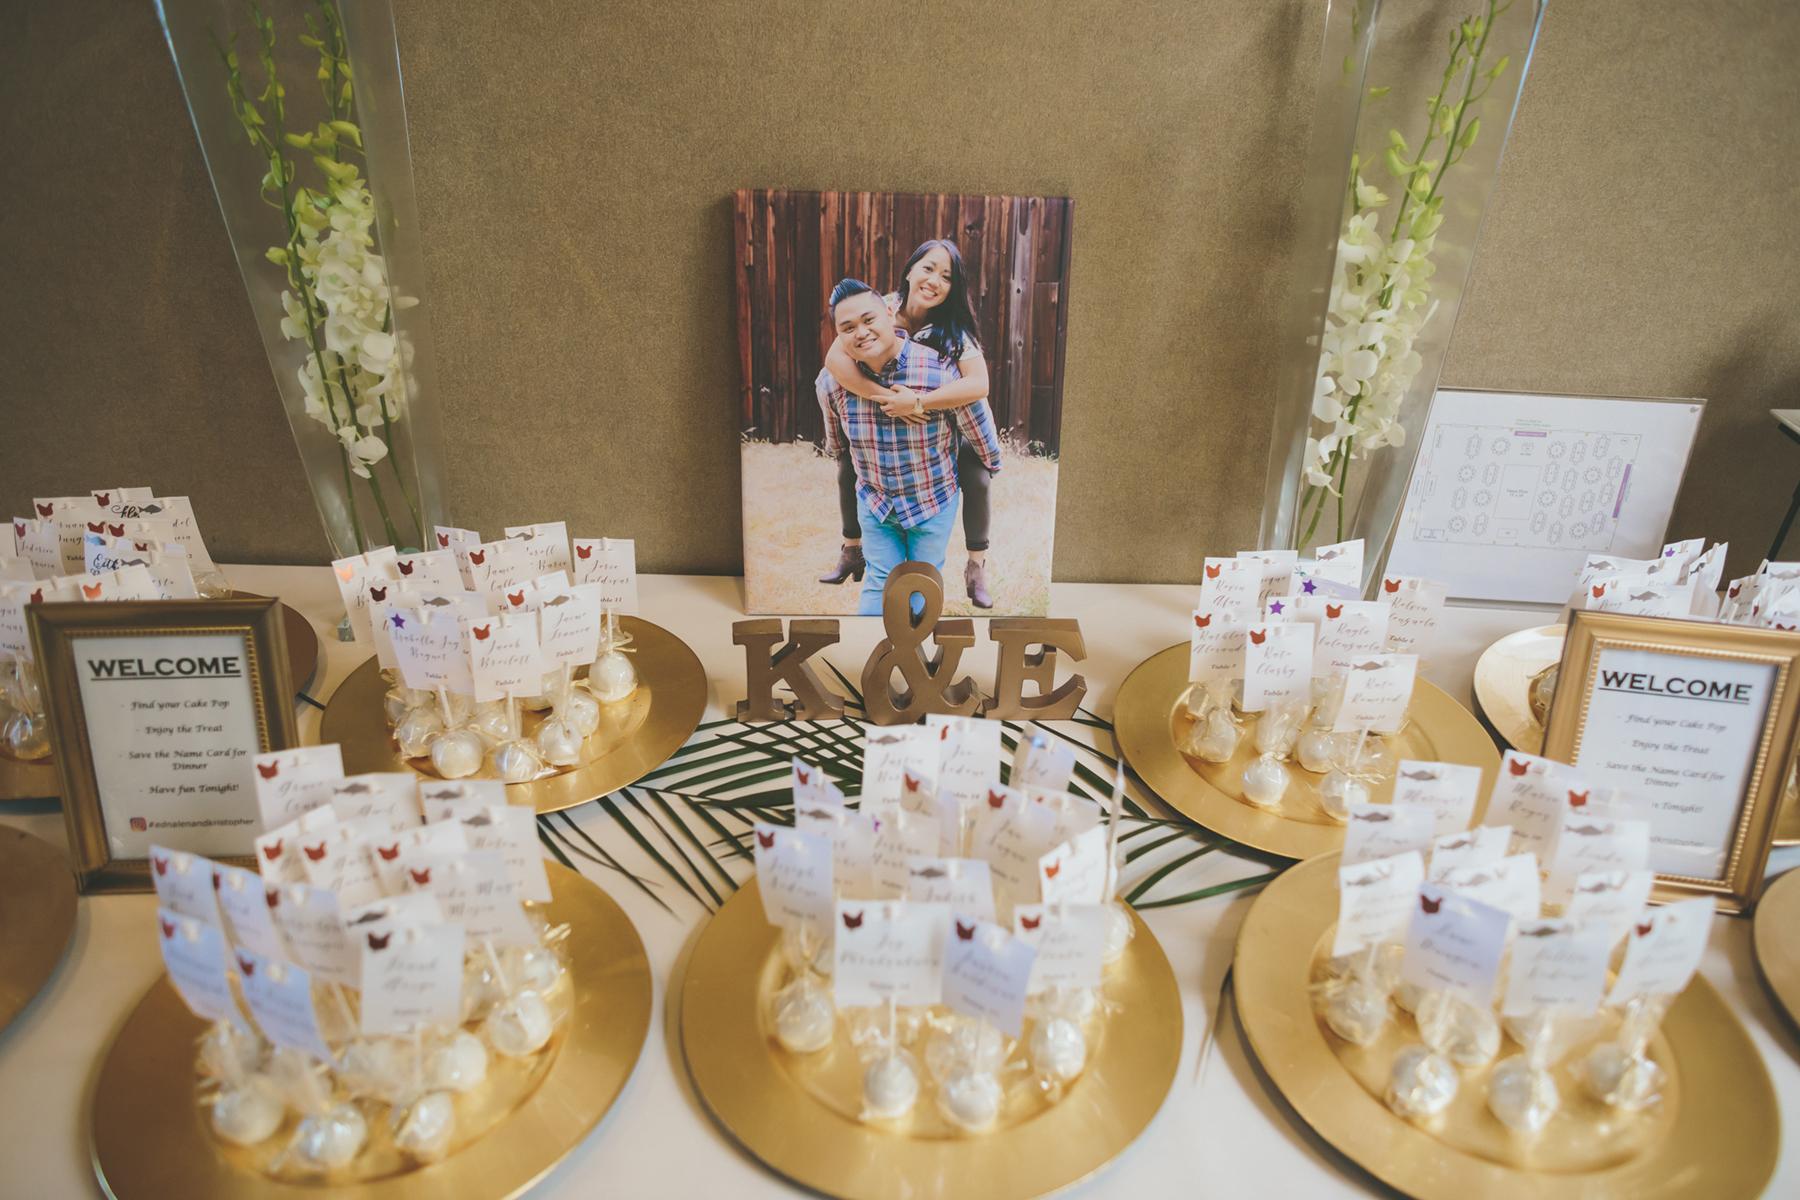 20180505_wedding_ednakris_0366_p_43528176762_o.jpg